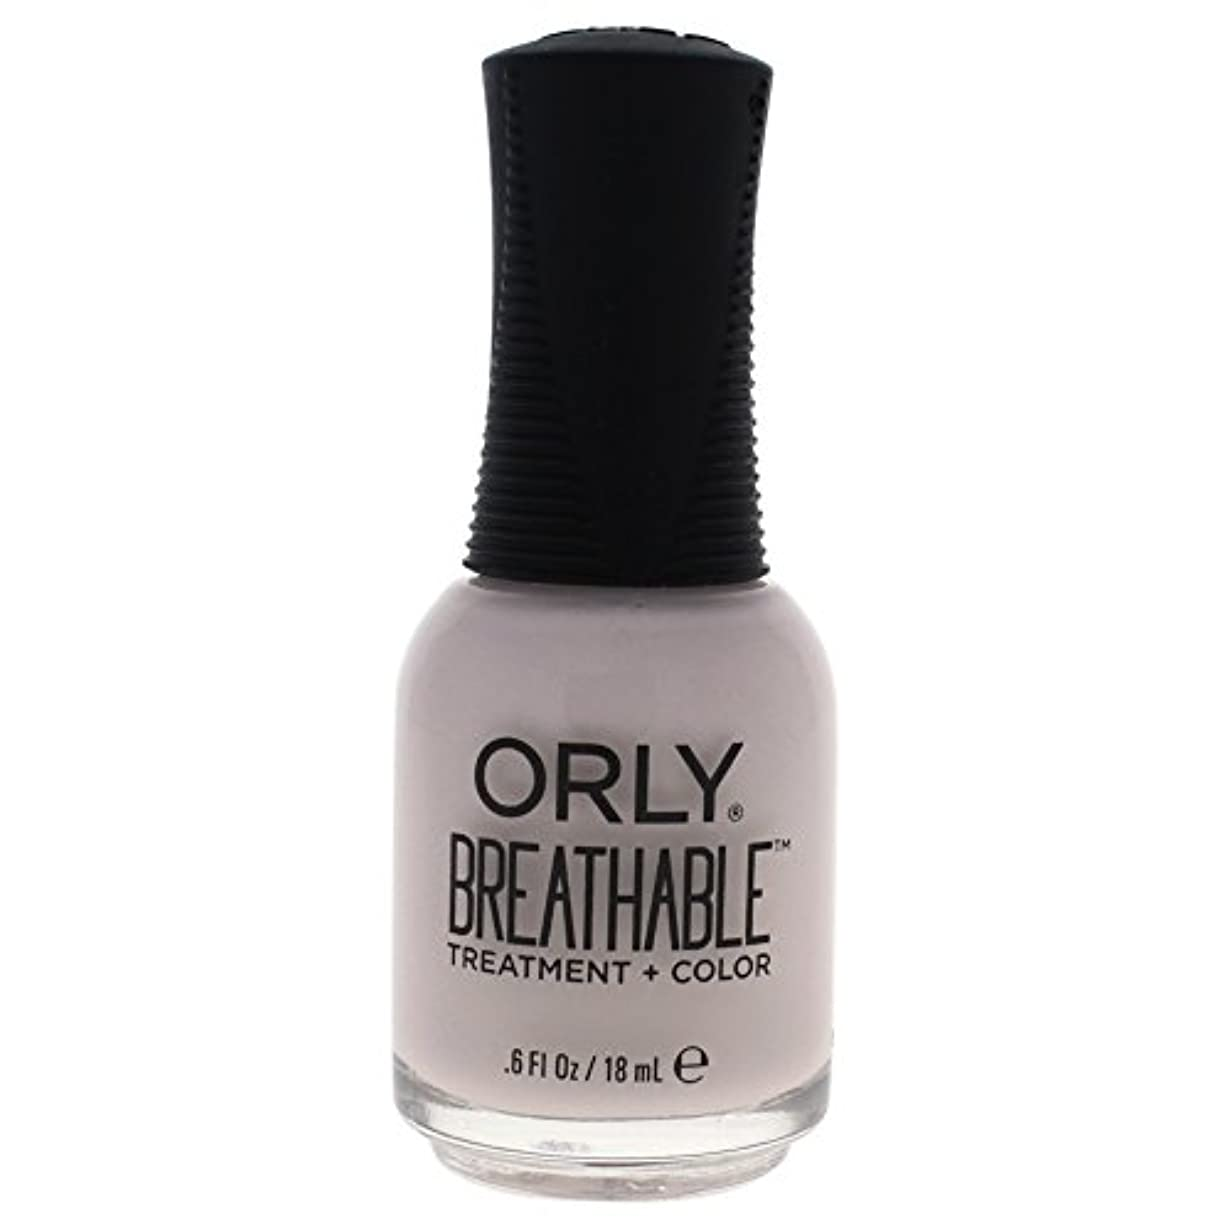 鳴らす導体見えないOrly Breathable Treatment + Color Nail Lacquer - Light as a Feather - 0.6oz / 18ml